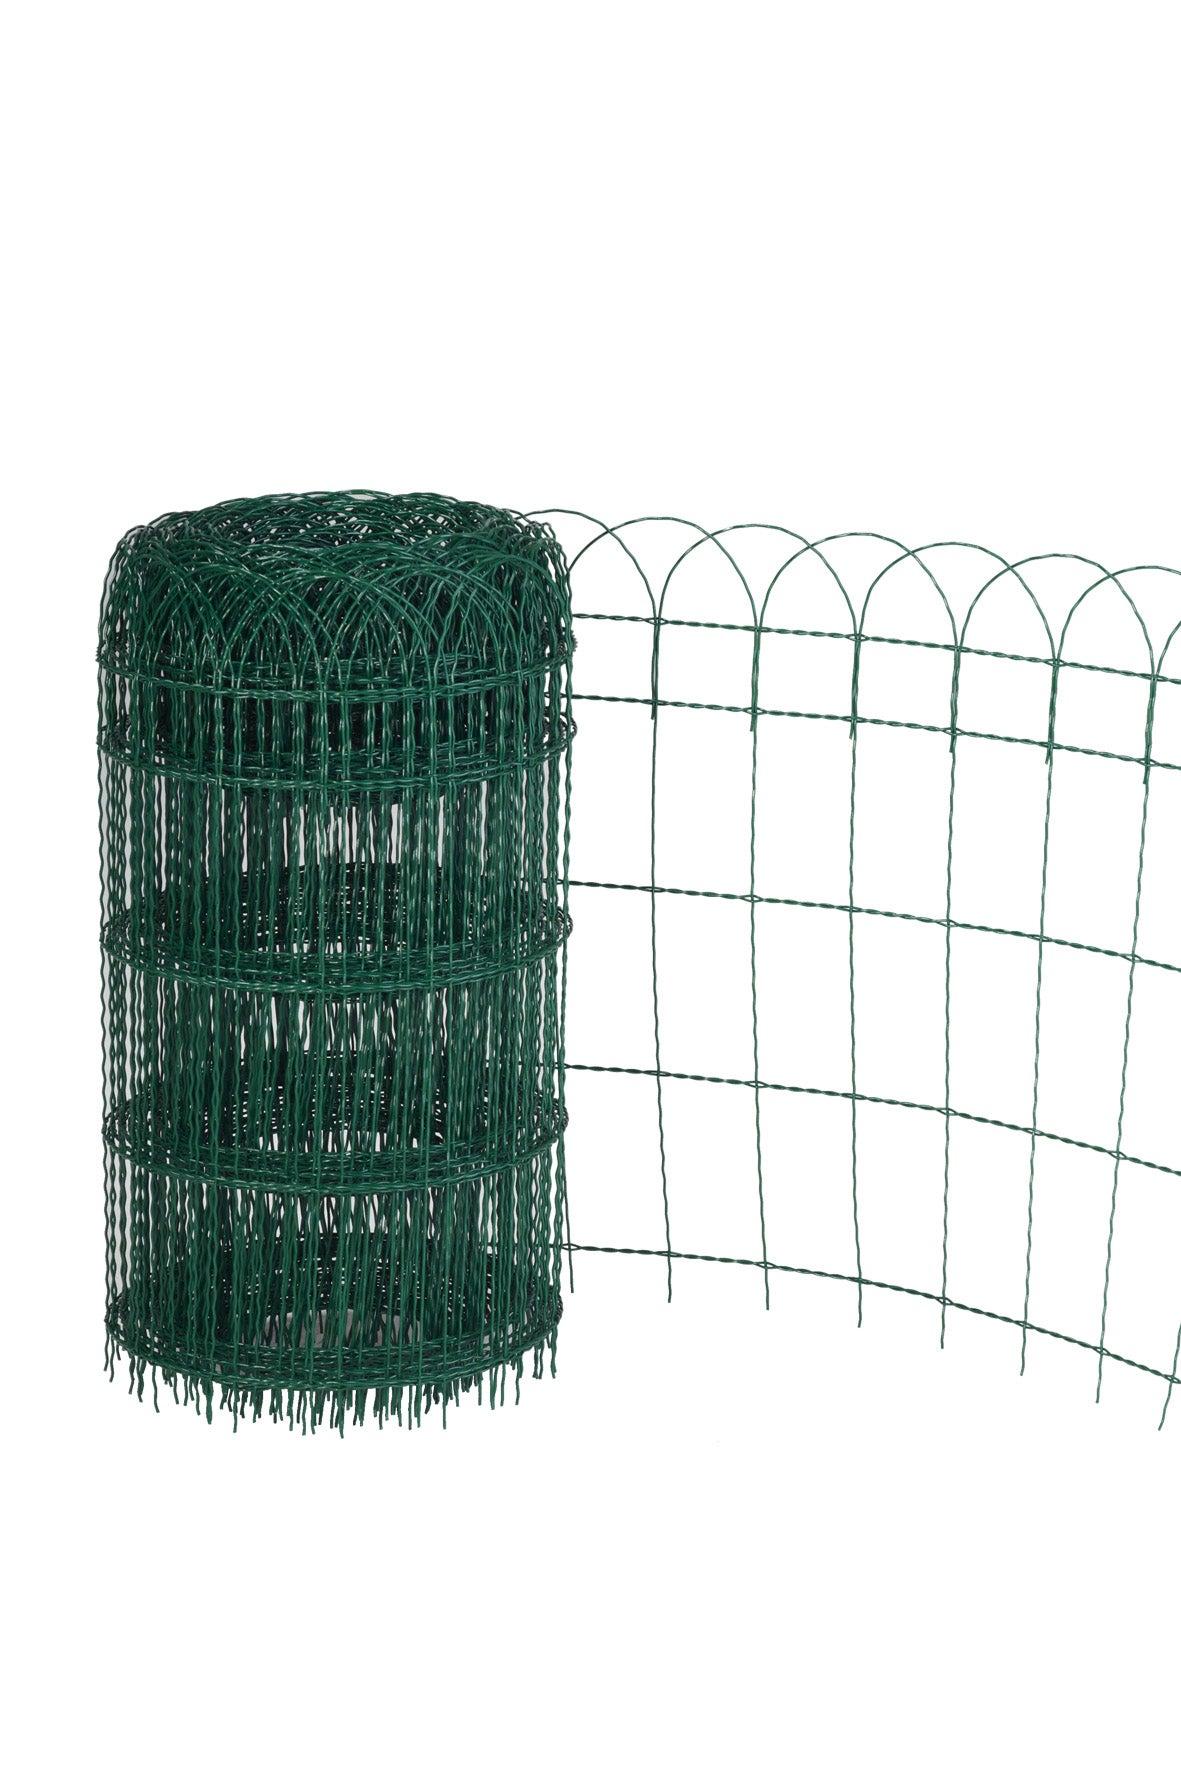 Bordure Grillagée Soudé Armor Vert, H.0.65 X L.10 M, Maille H.125 X L.78 Mm encequiconcerne Bordure De Jardin En Grillage